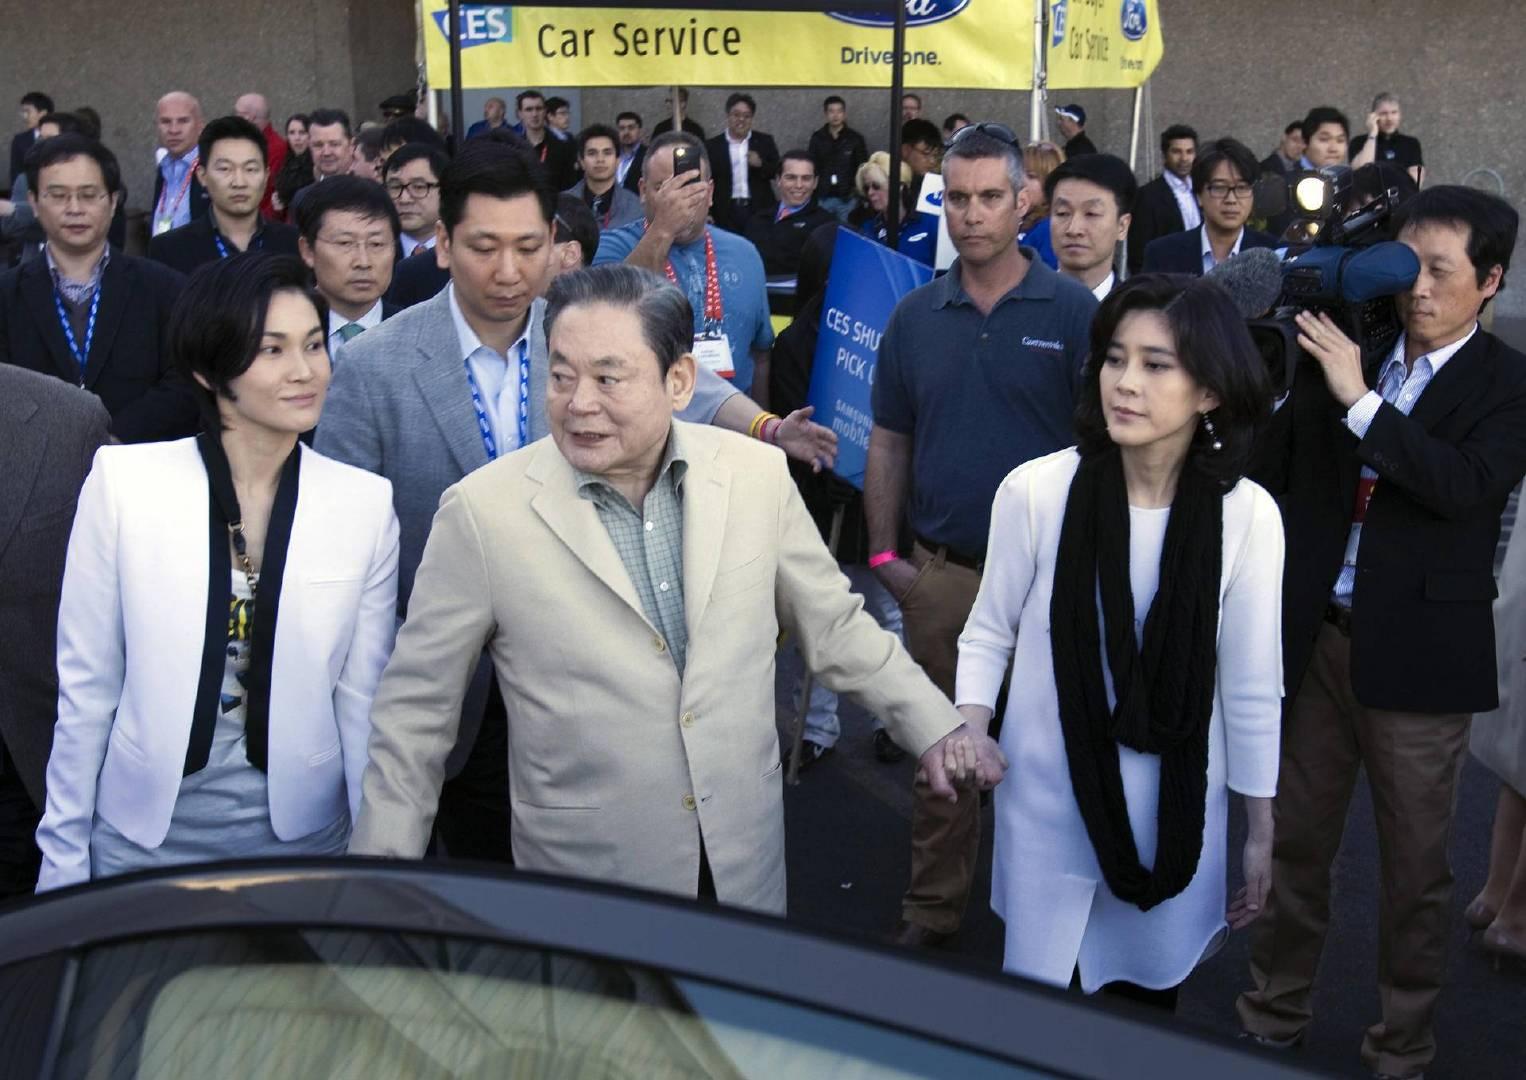 三星千金荣膺韩国女首富,嫁给保安频遭家暴,离婚后反赔8000万 涨姿势 第3张